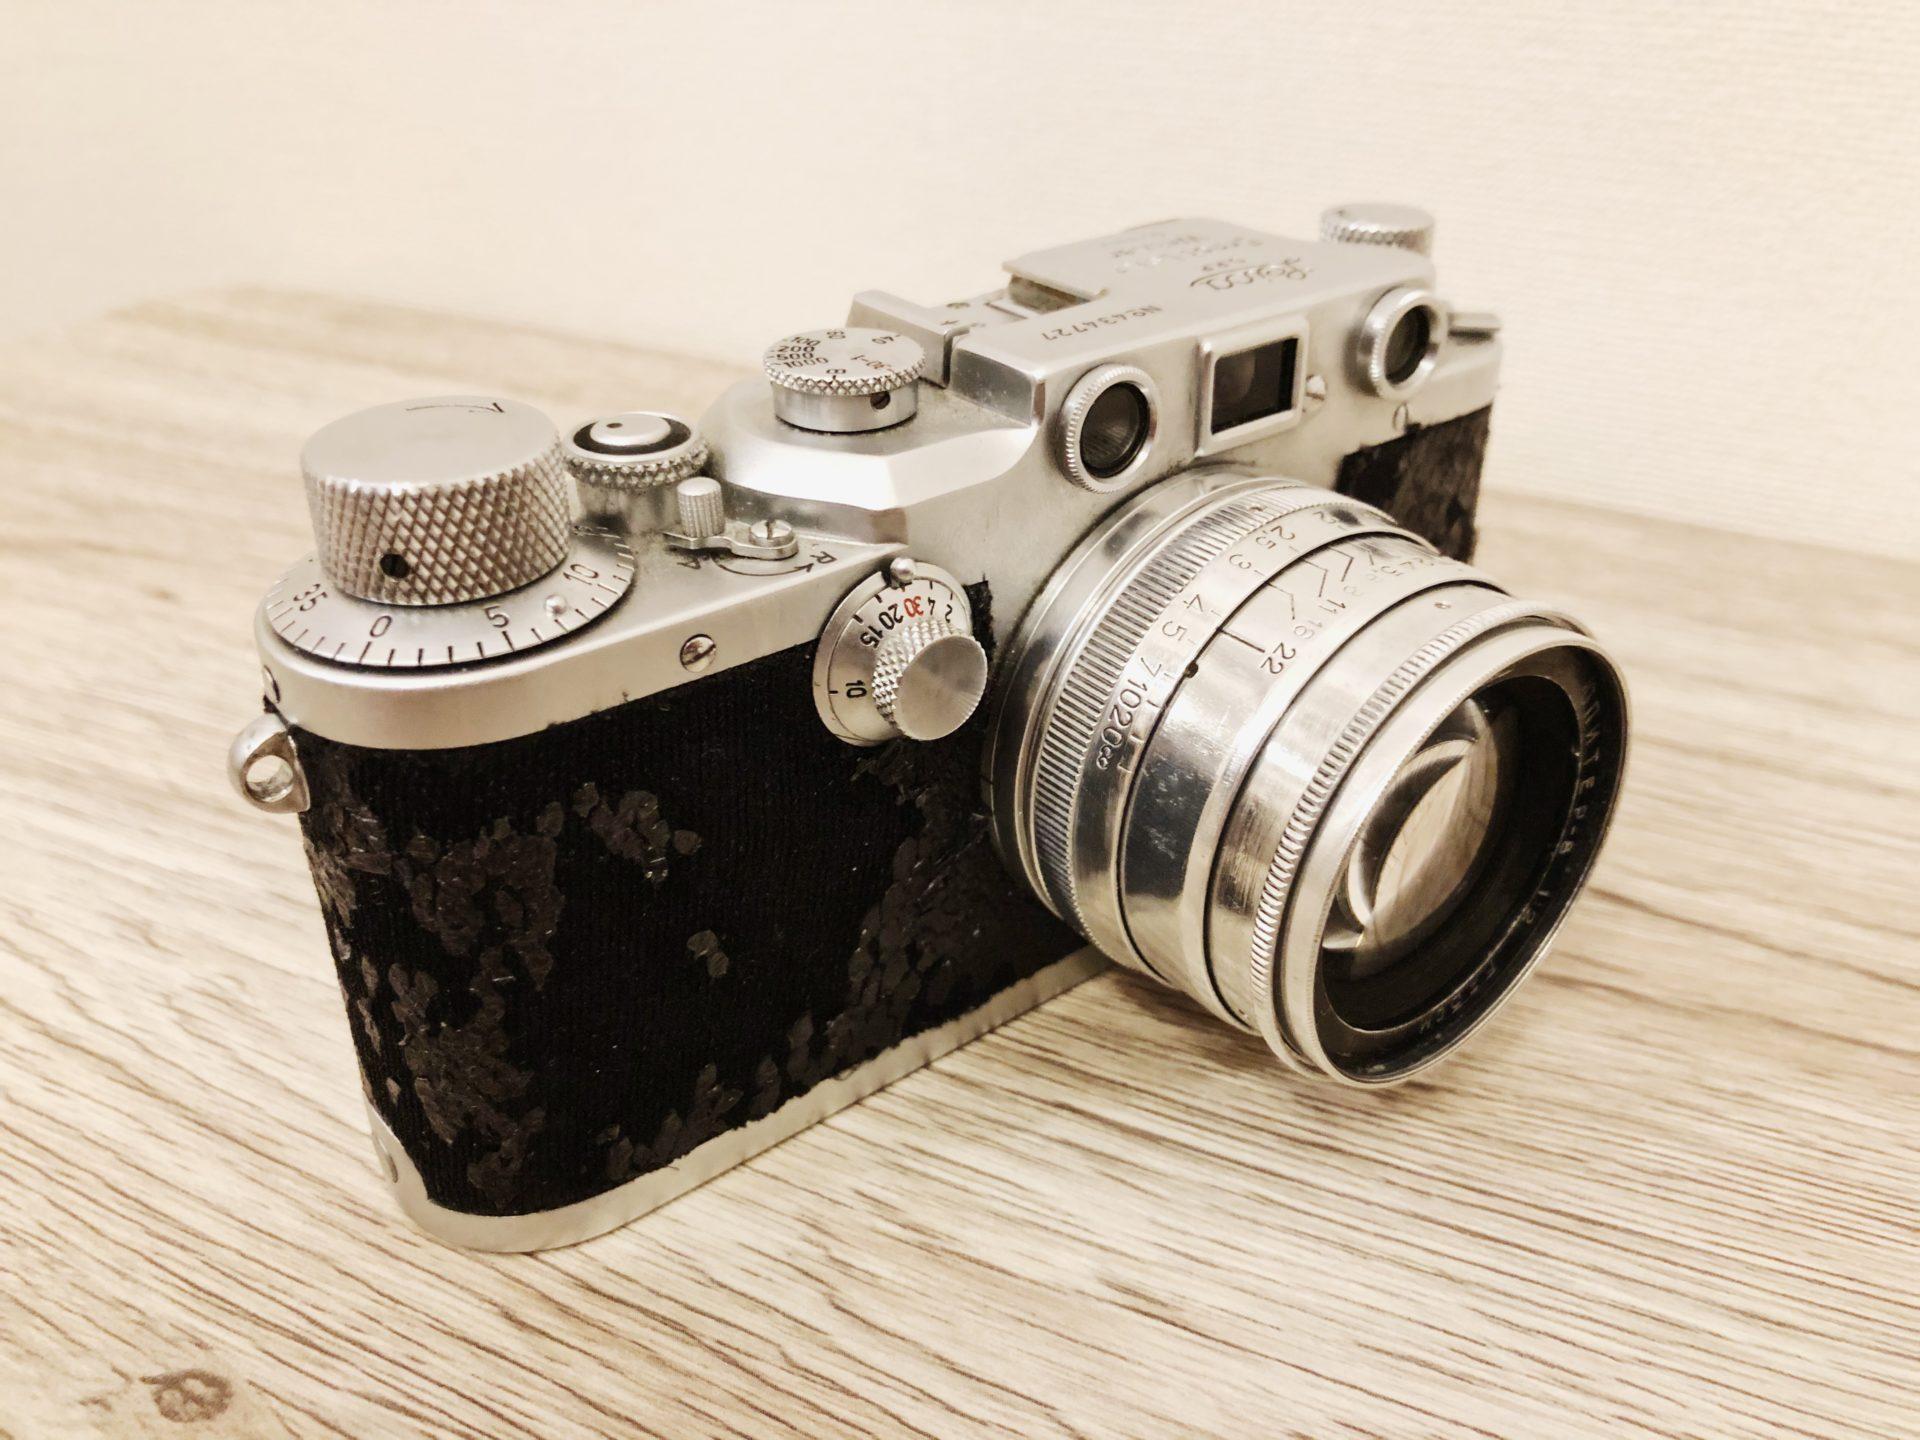 フィルムカメラを始めたいけど古いカメラを買うのが怖い・・・。という初心者の方のための購入時に注意したいポイントまとめ